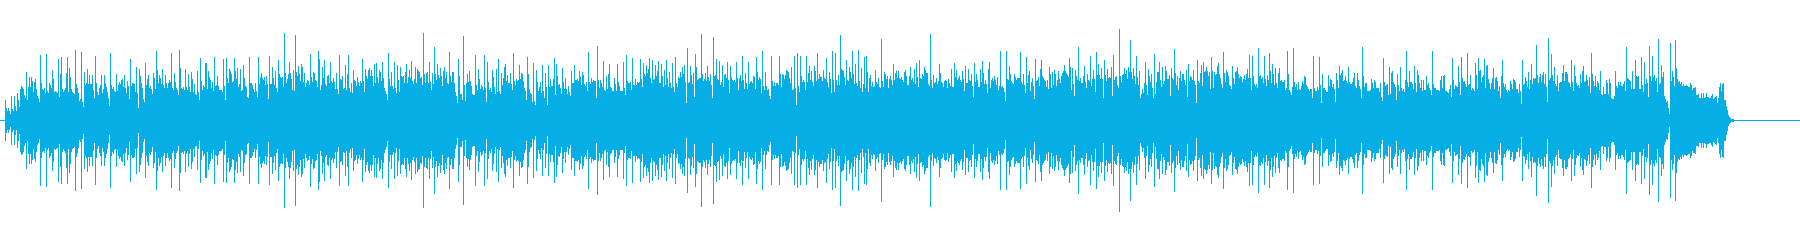 ちょっと陽気なブルースジャズの再生済みの波形